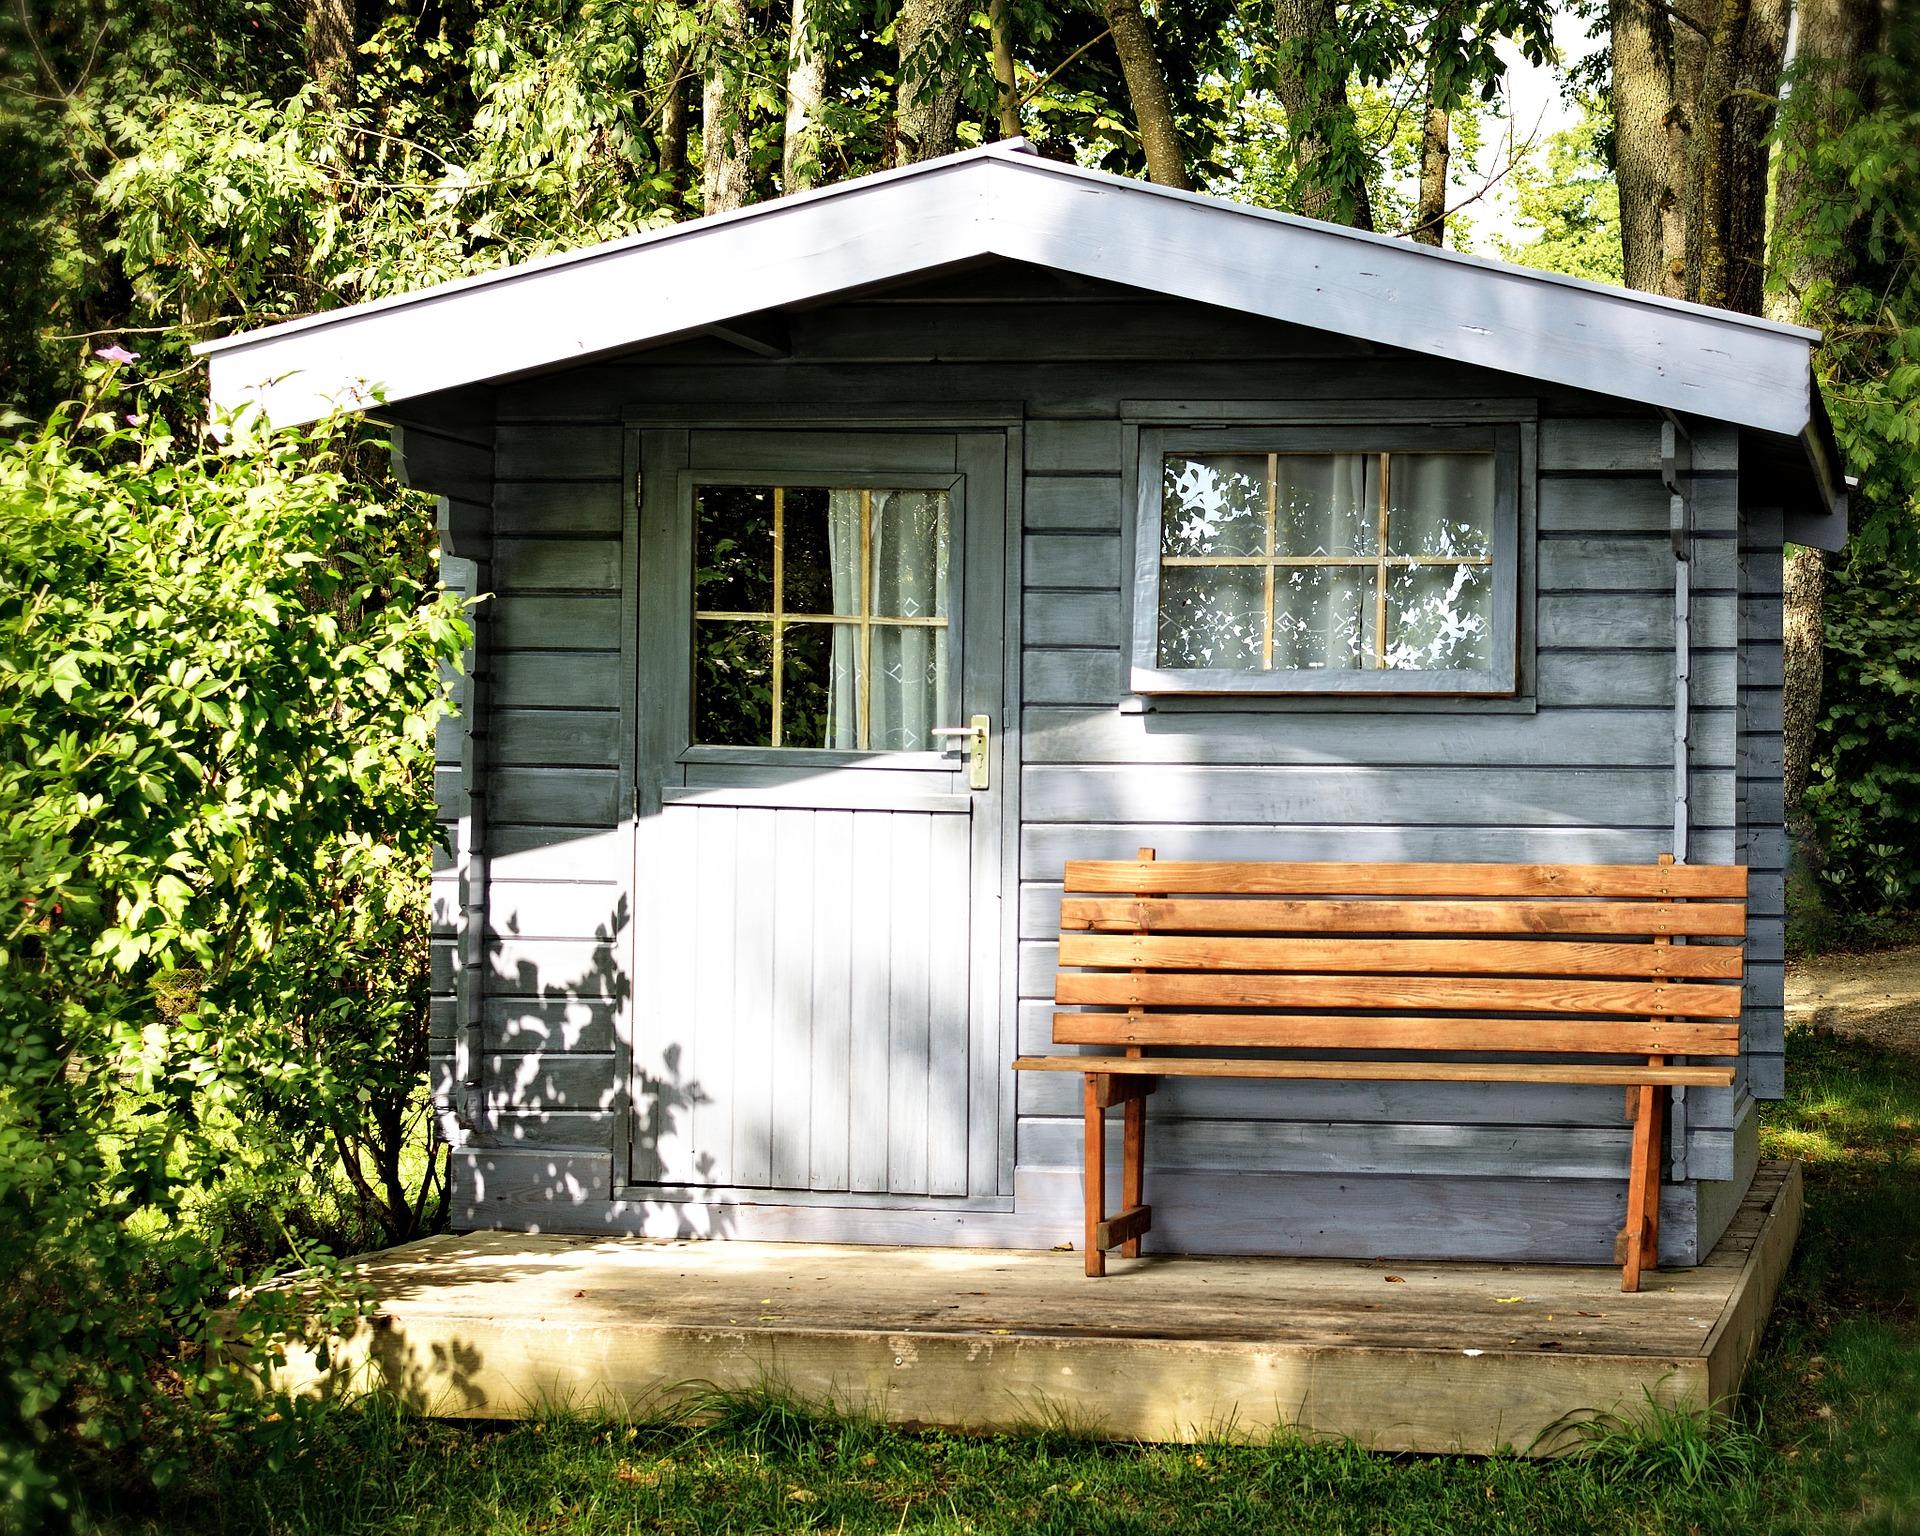 Gartenhäuser sollten gegen Kälte und Wärme isoliert werden.